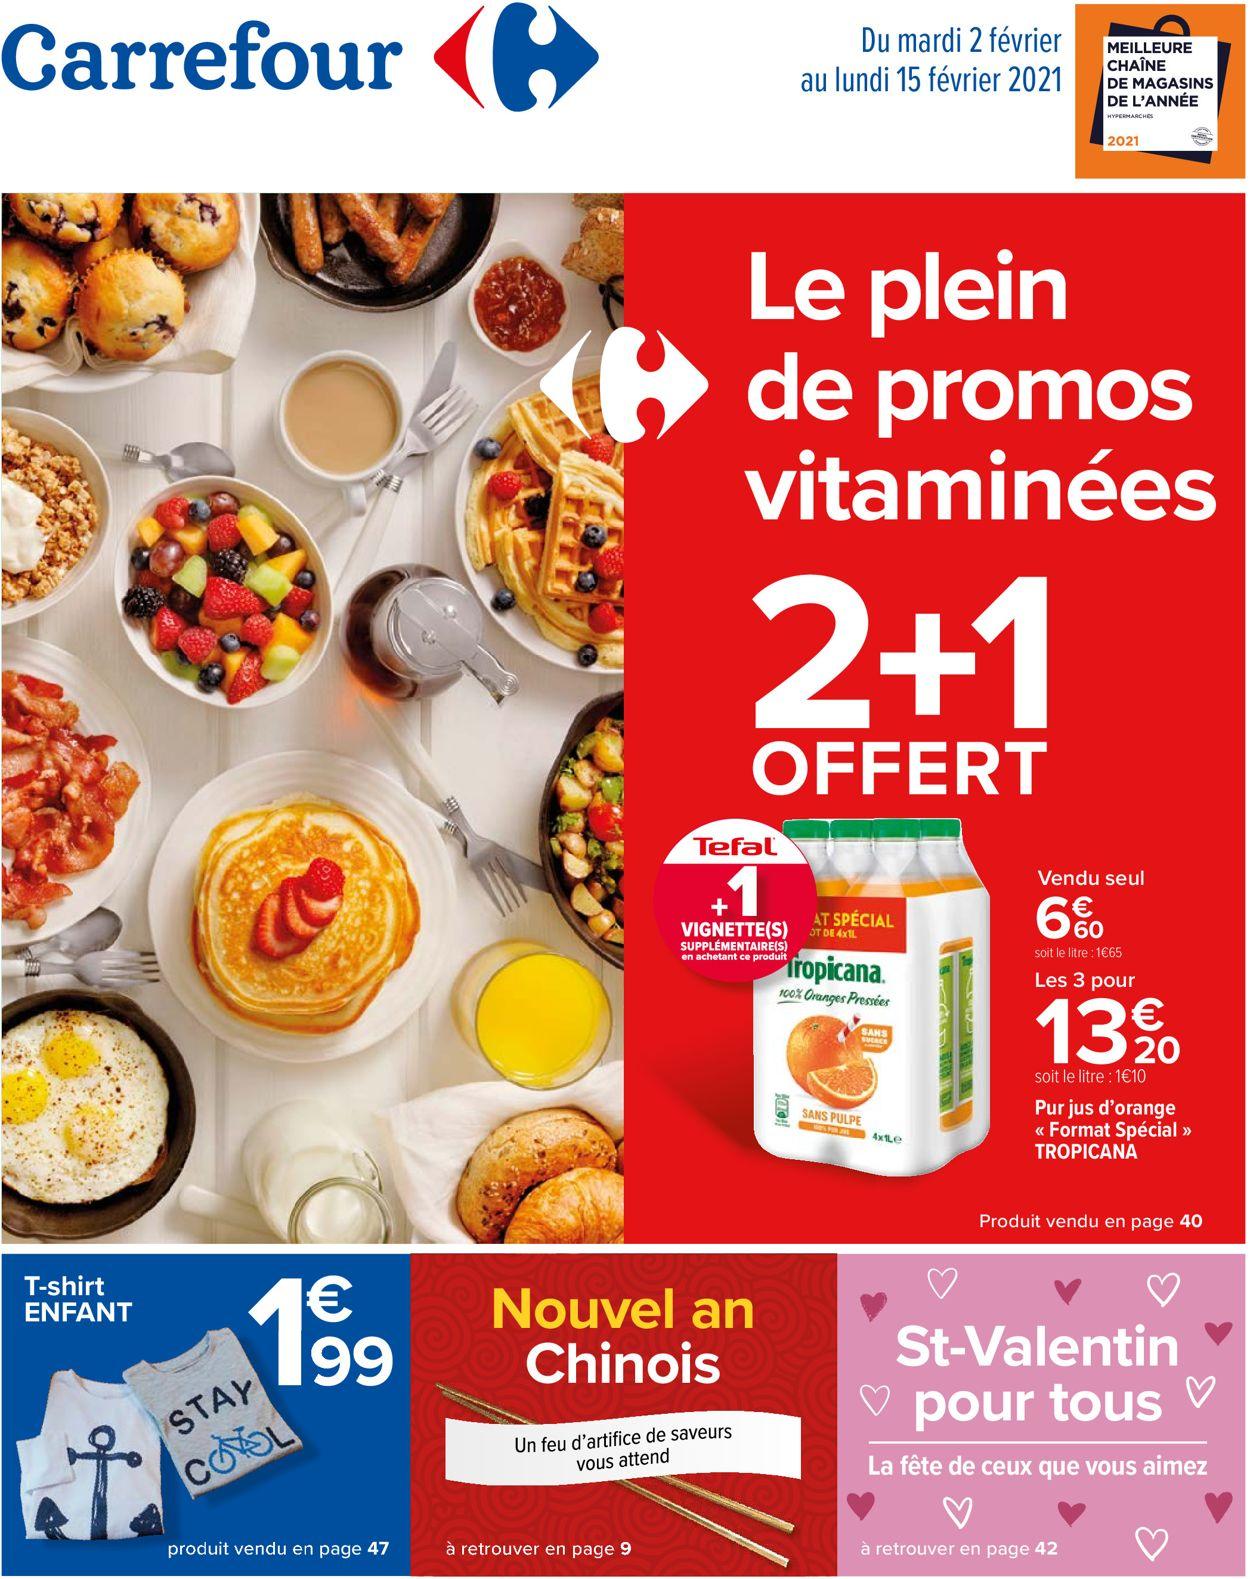 Carrefour Catalogue - 02.02-15.02.2021